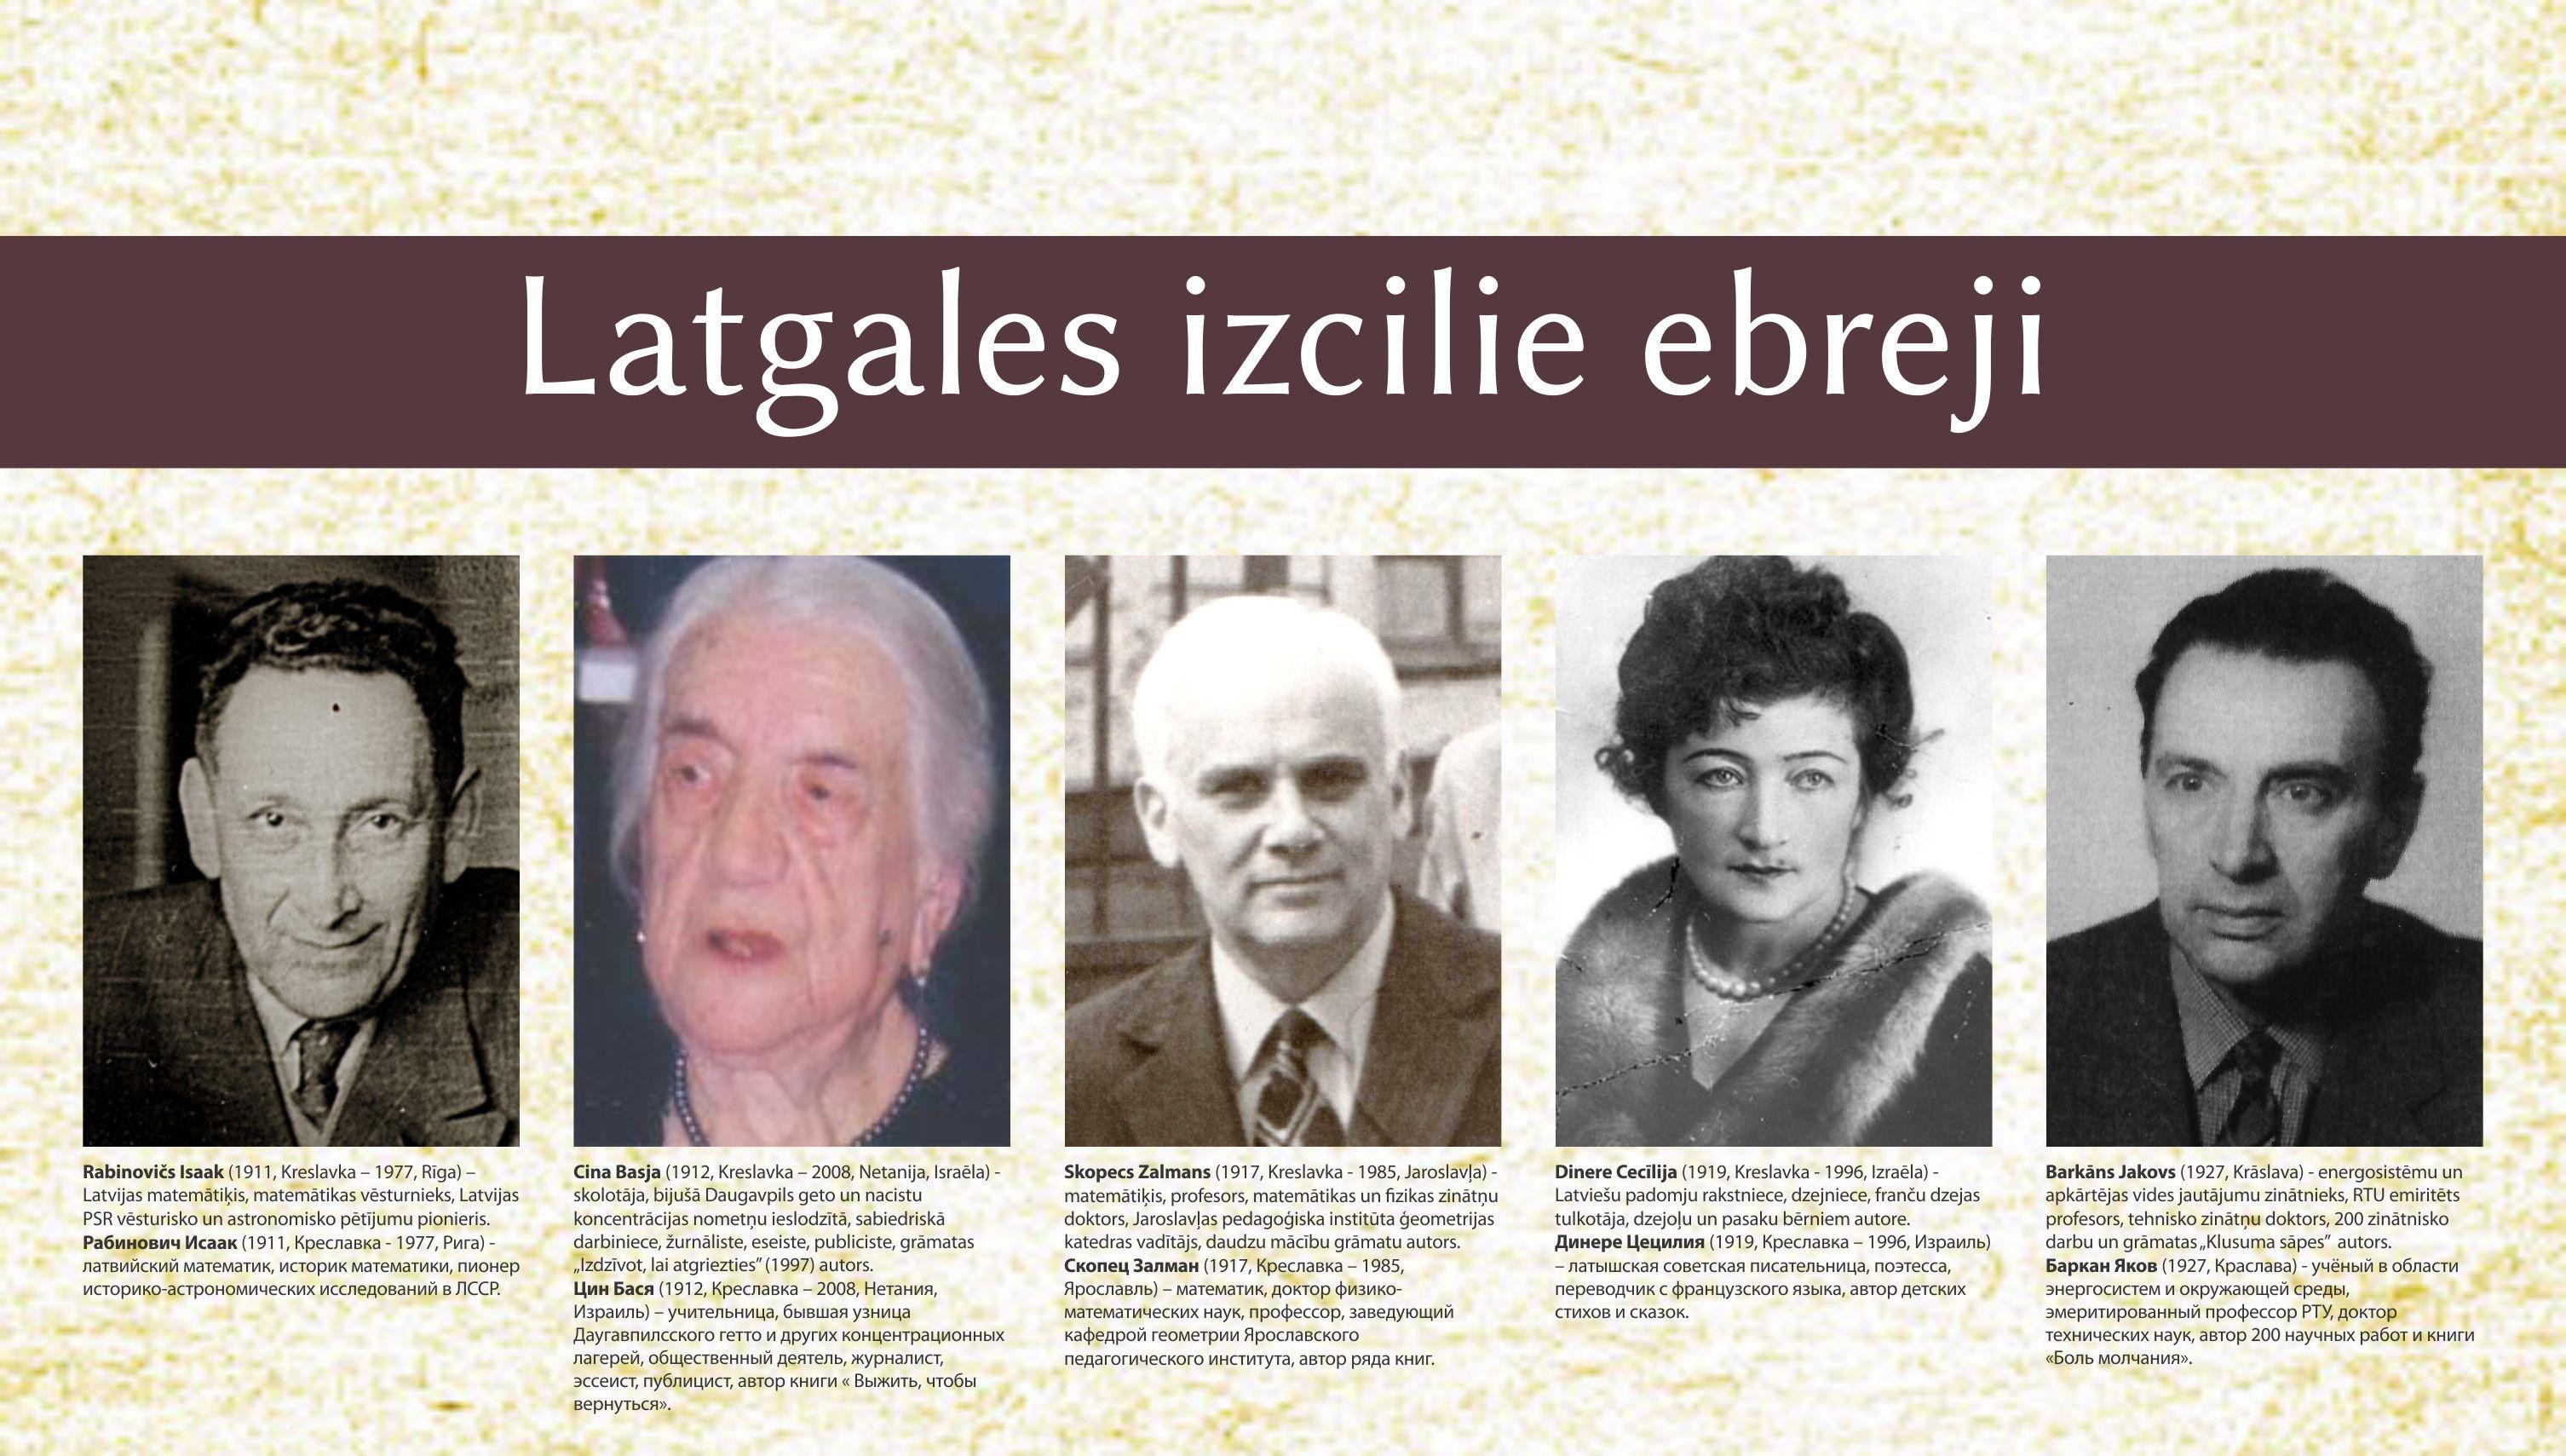 Publicitates foto latgales izcilie ebreji